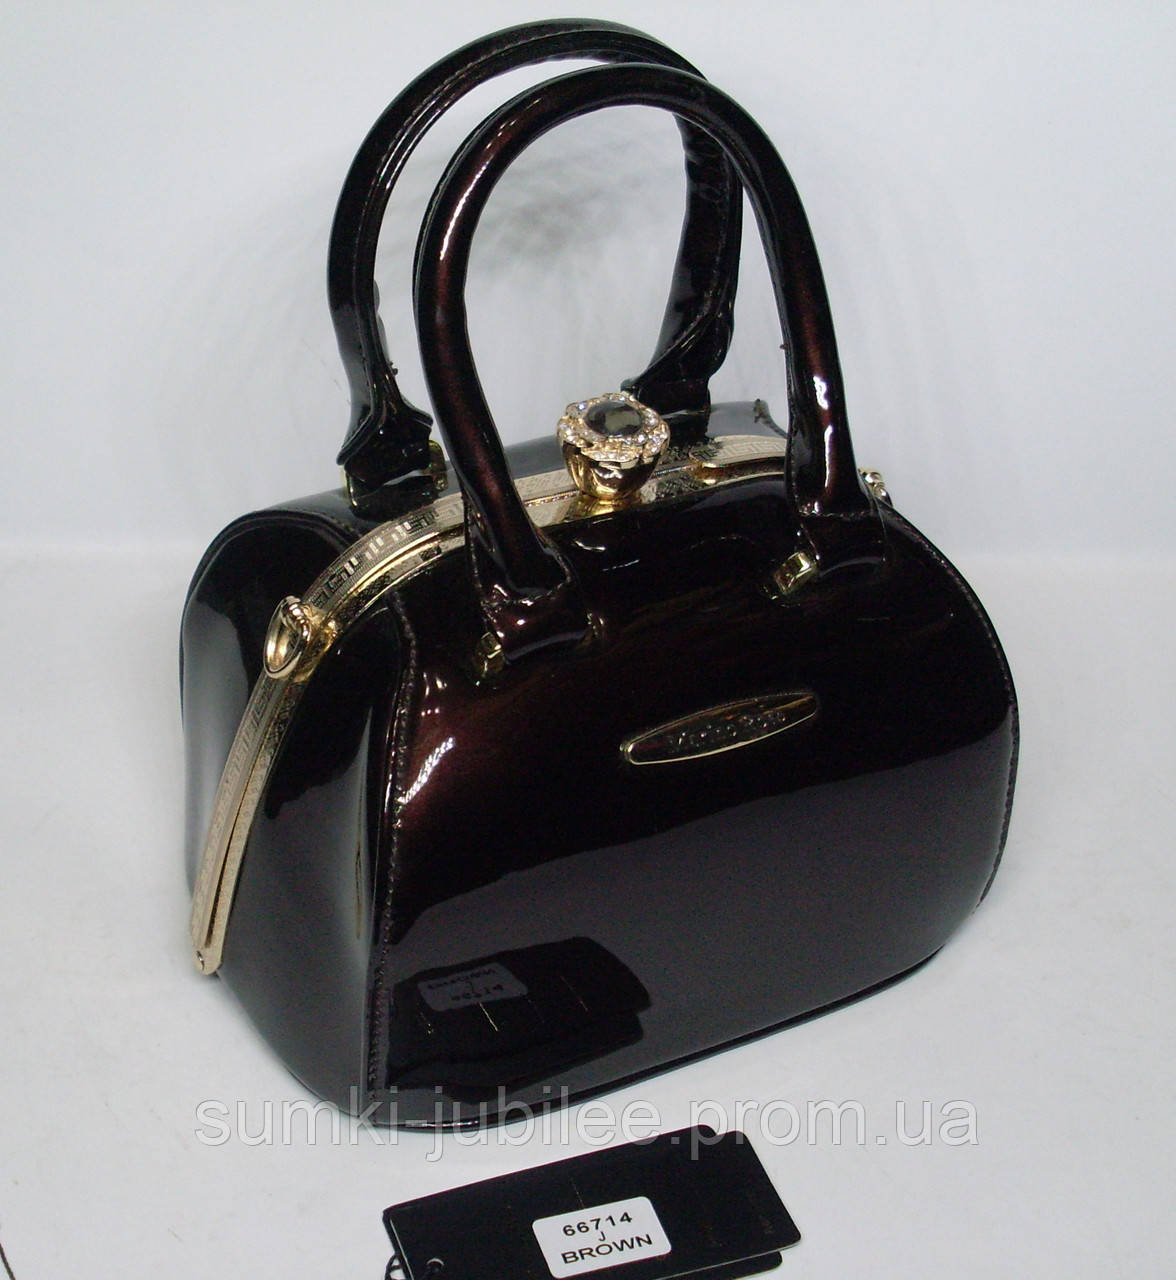 58b58668f1a5 Стильная женская лаковая сумка-Ридикюль Marino Rose с рамочным замком цвета  шоколад - Интернет-